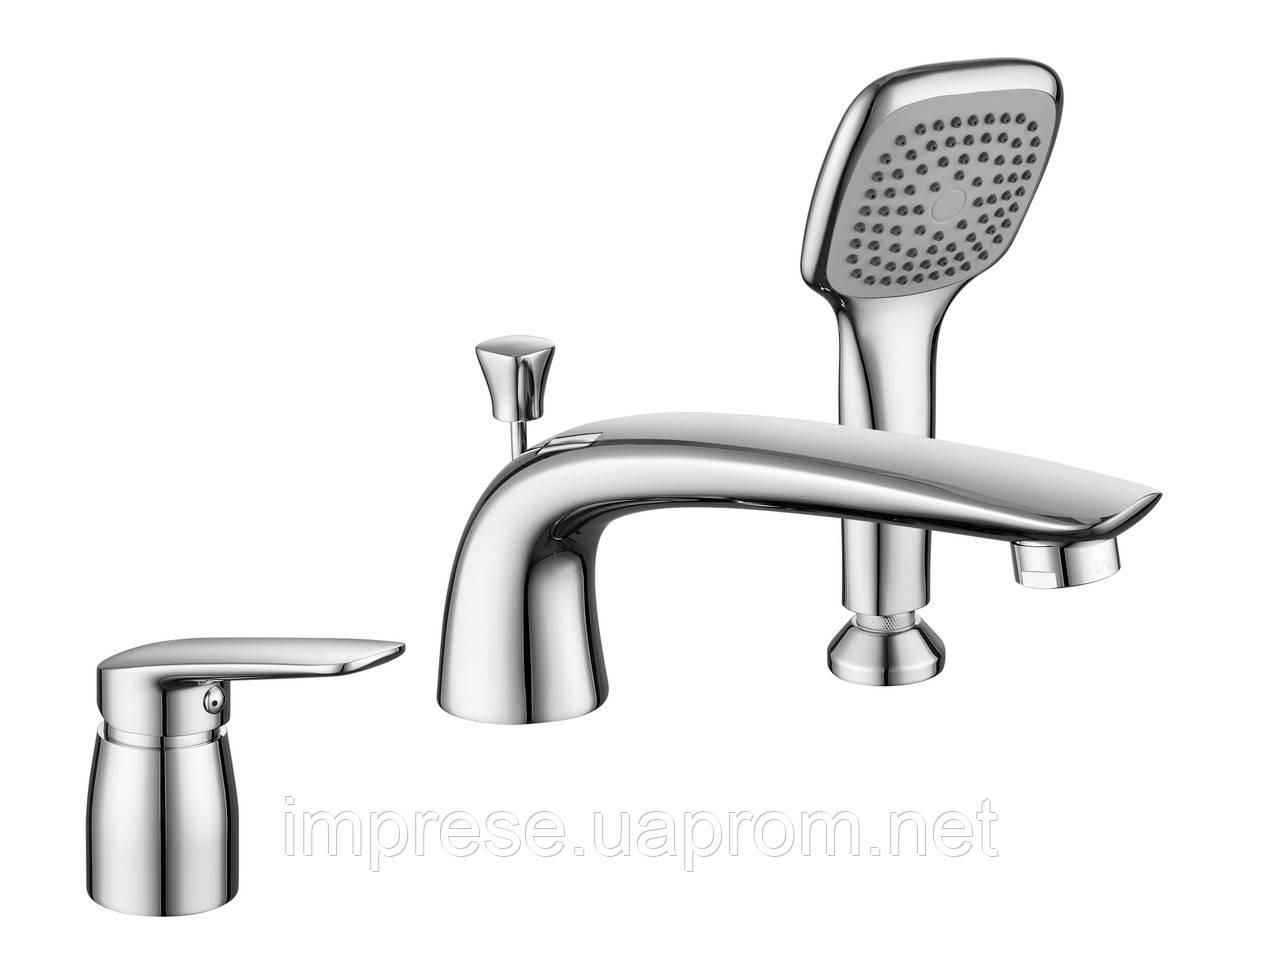 Смеситель для ванны врезной на три отверстия Praha new 85030 new